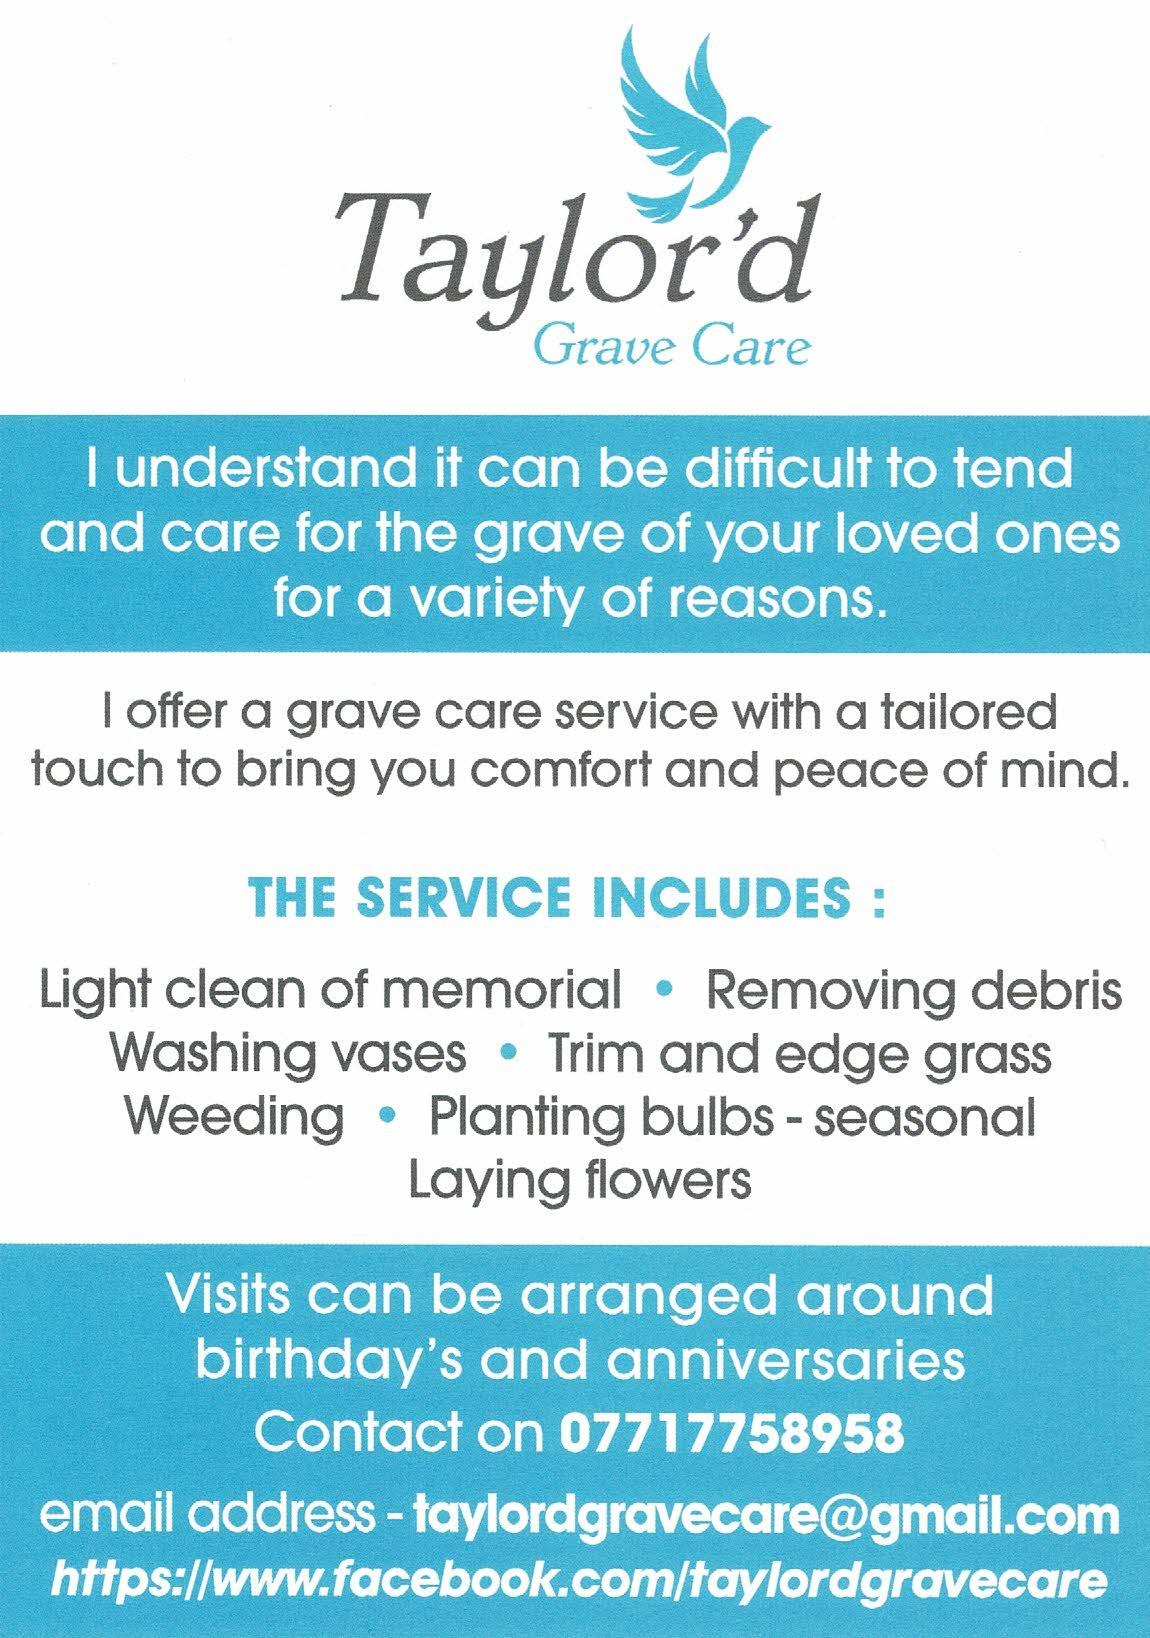 Taylor'd Grave Care